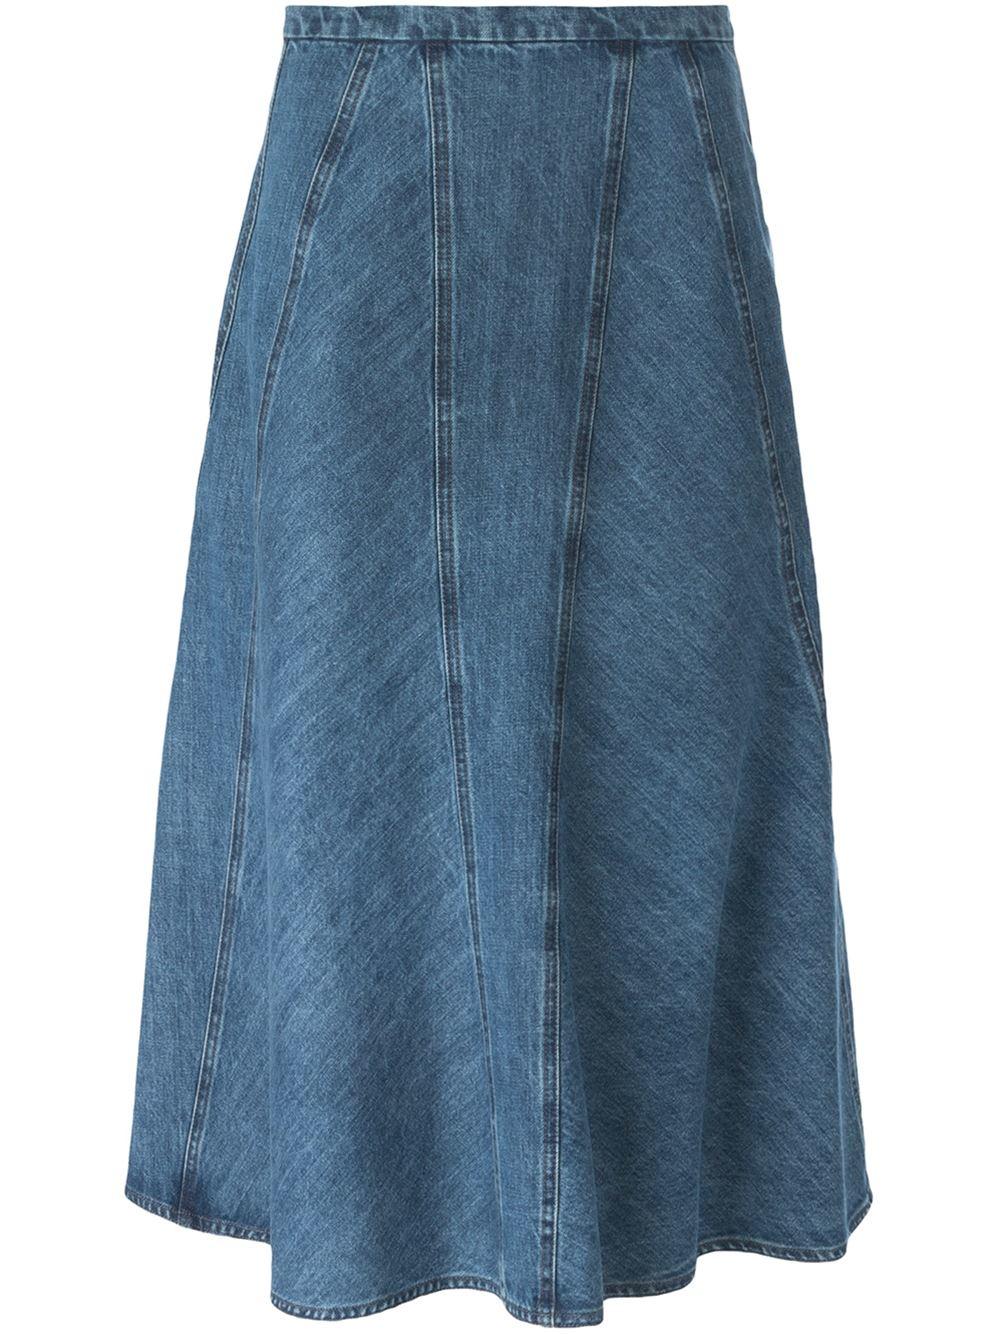 Denim Flared Skirt 98